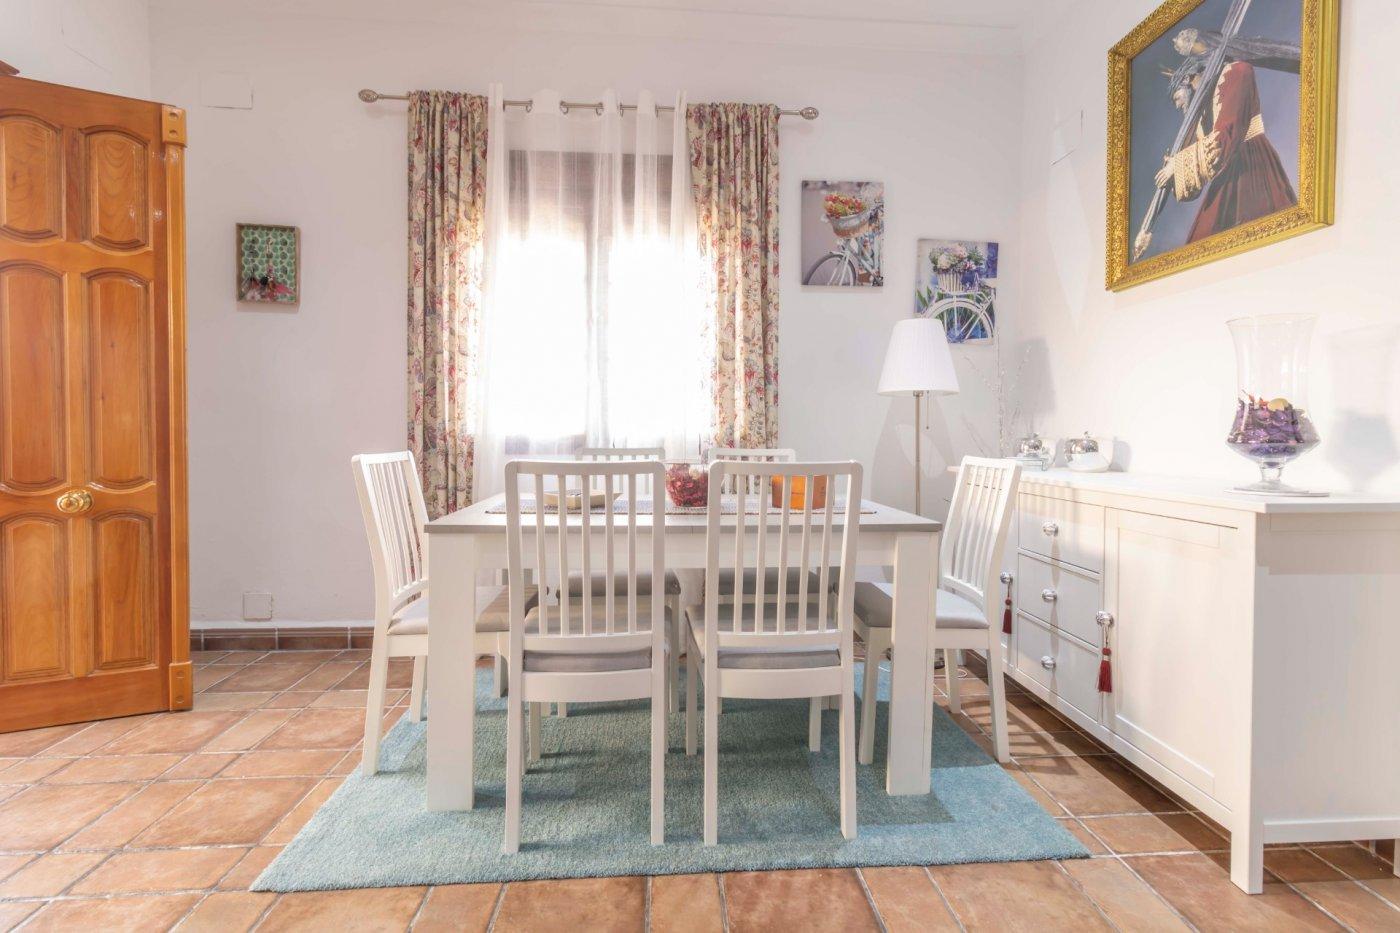 Casa a la venta en burguillos - imagenInmueble18